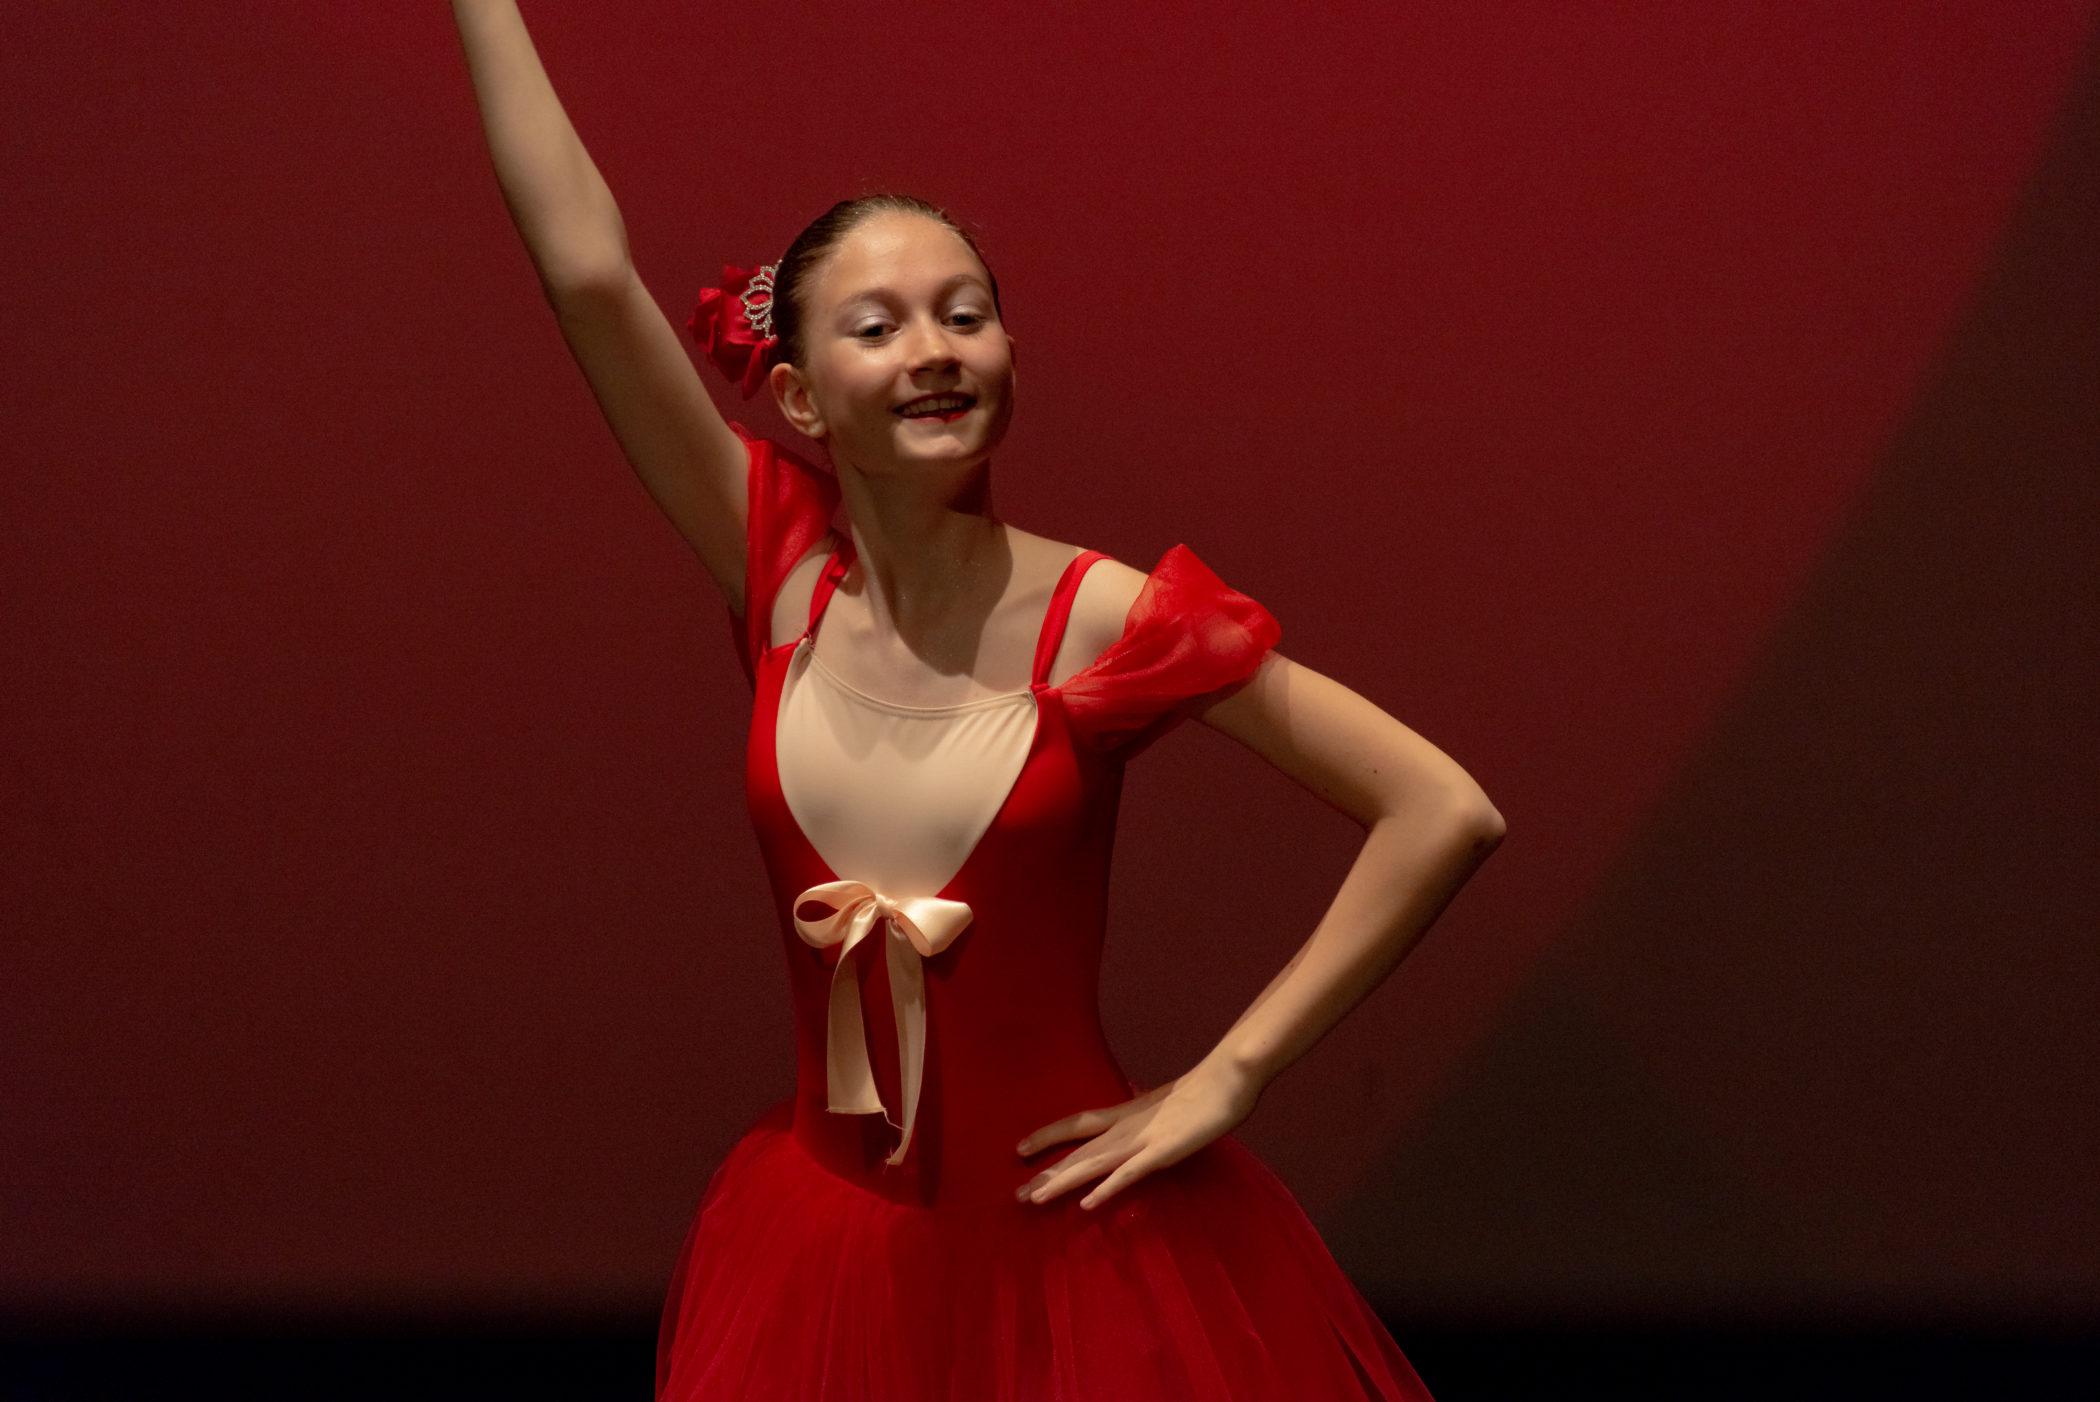 DSC 4668 scaled - Saggio di danza